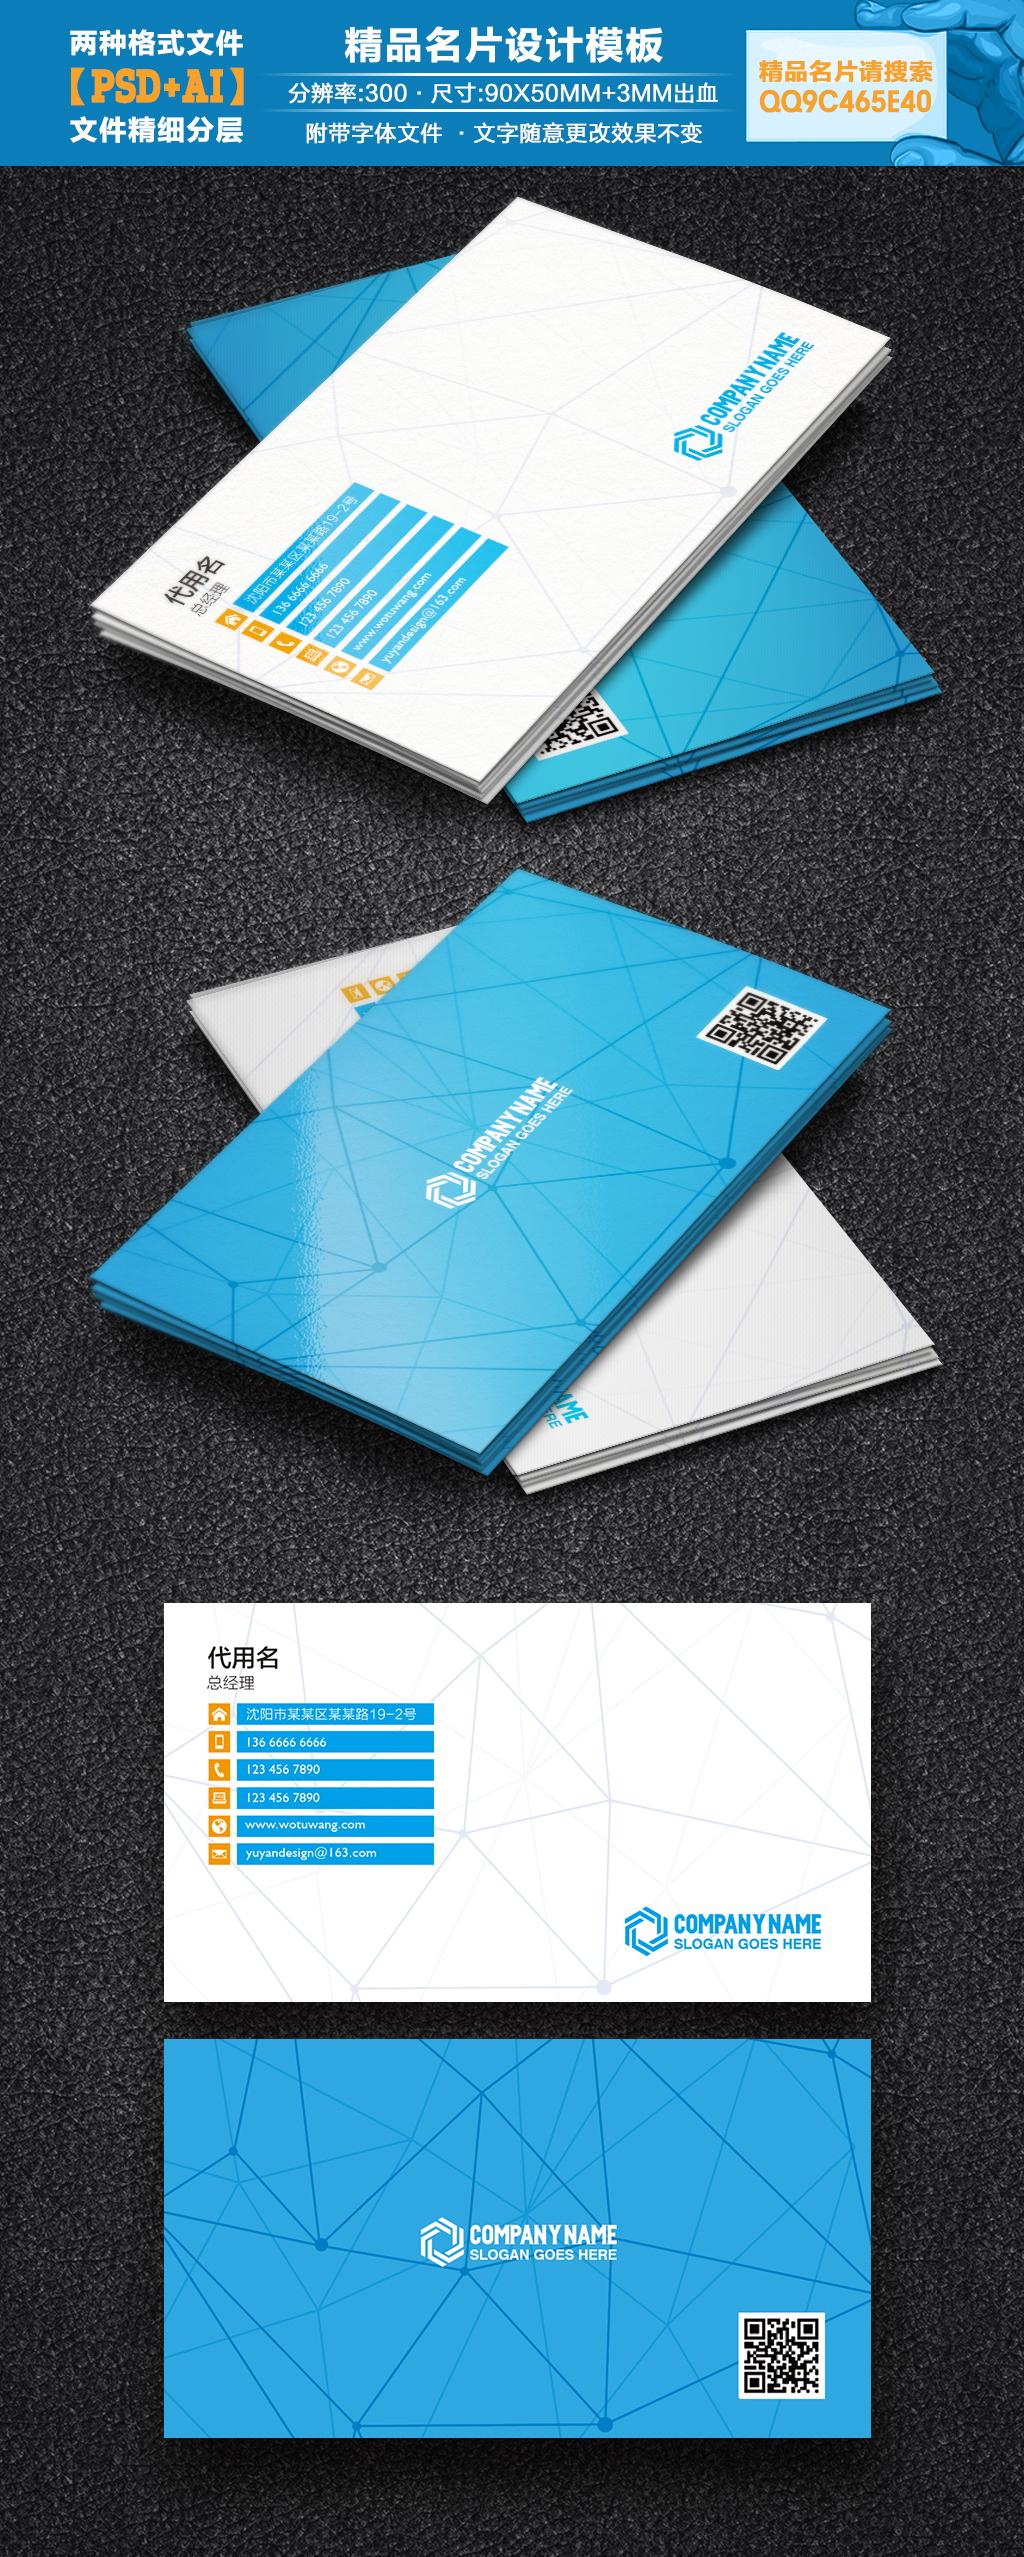 蓝色商务简洁个性创意名片模板下载(图片编号:)_vip卡